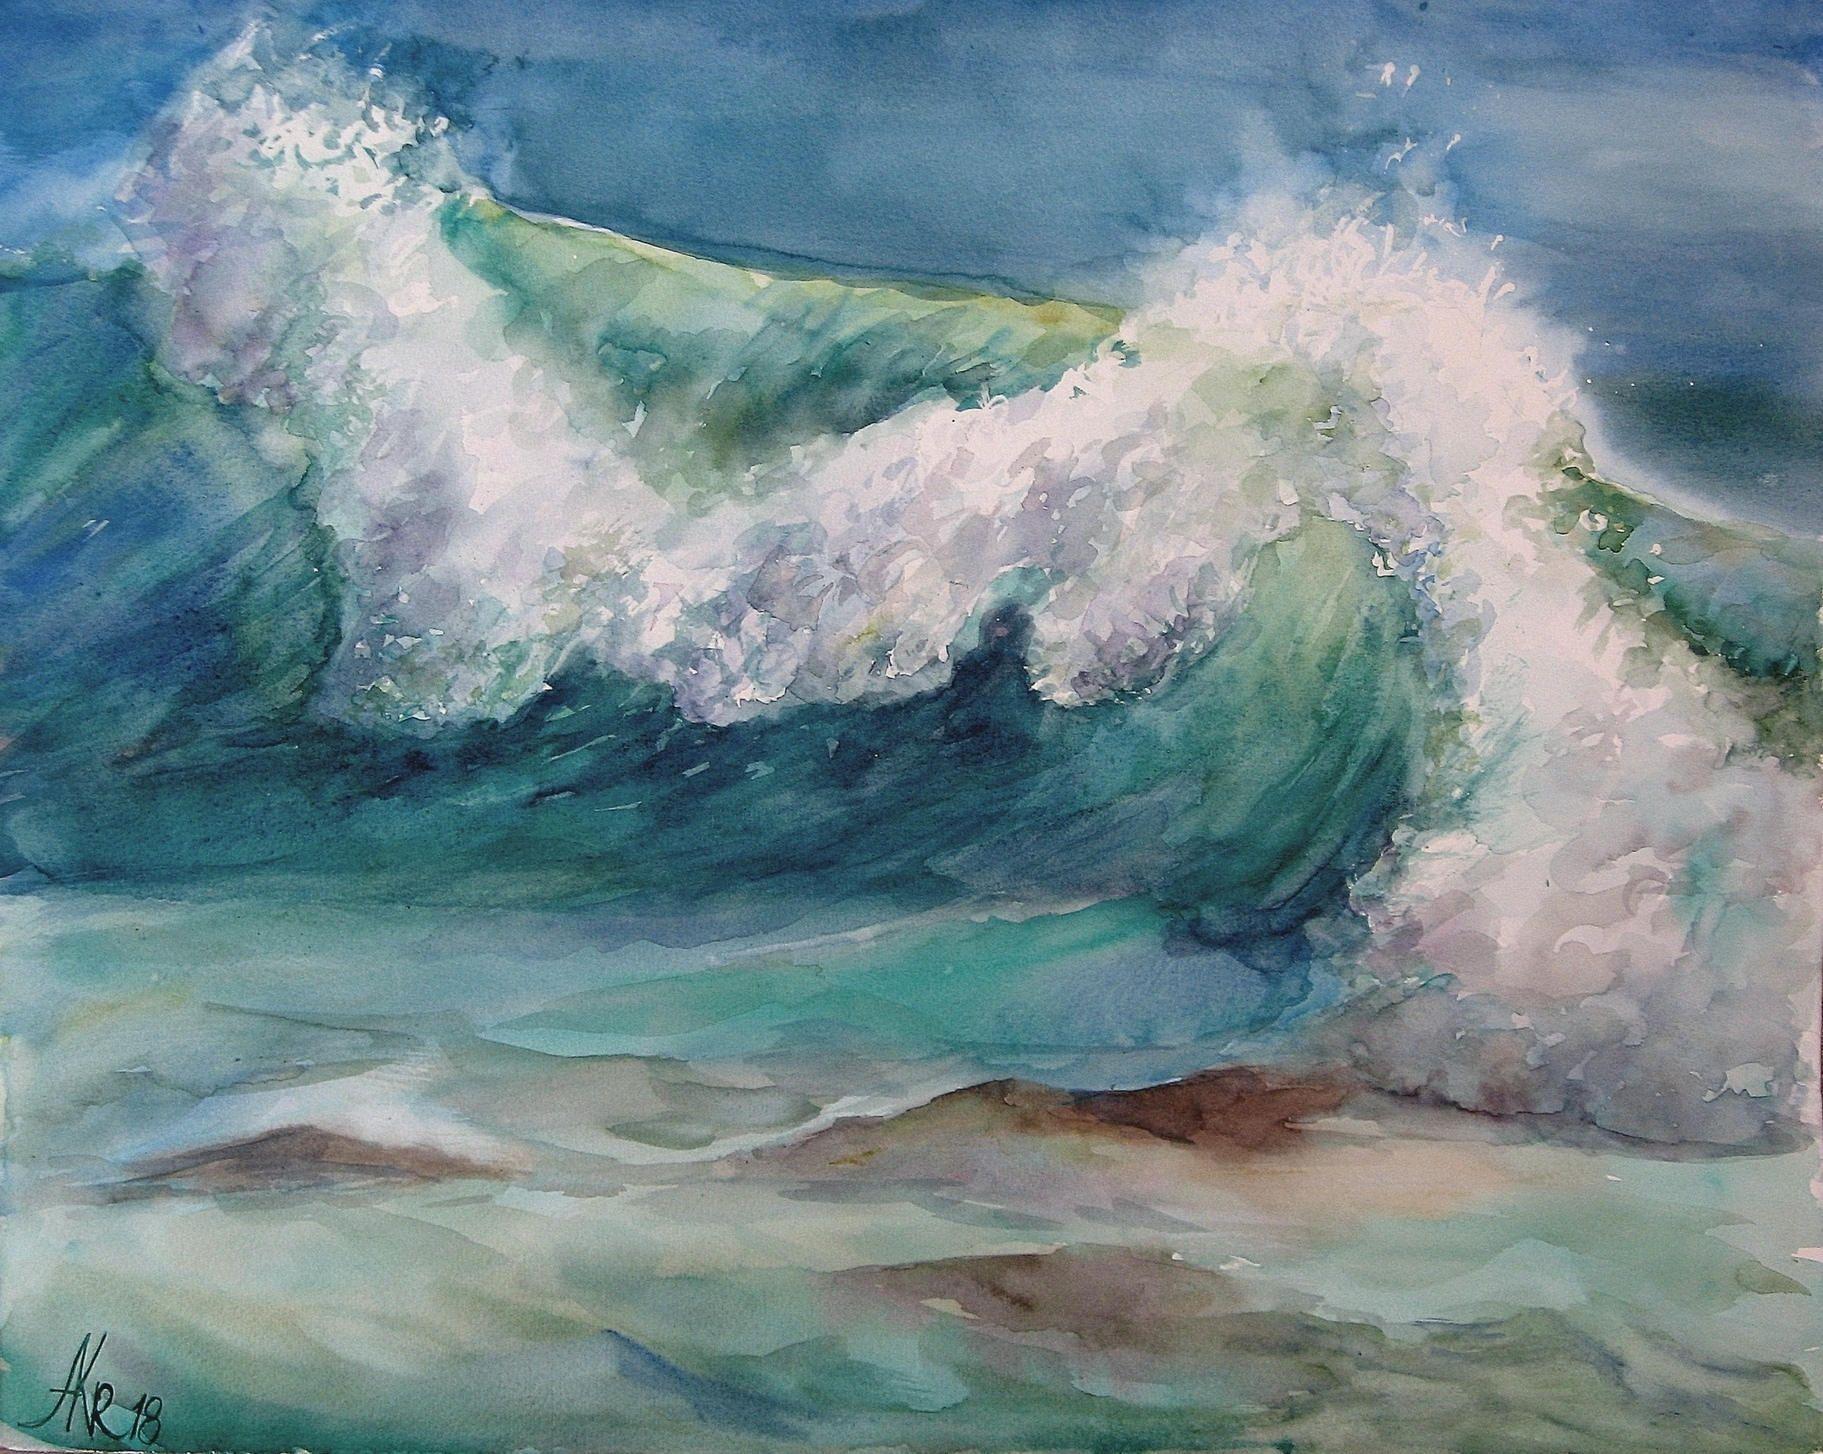 Ocean Painting Seascape Painting Blue Ocean Painting Ocean Wave Watercolor Art Original Watercolor Landscape Watercolour Painting By Artanna Seascape Paintings